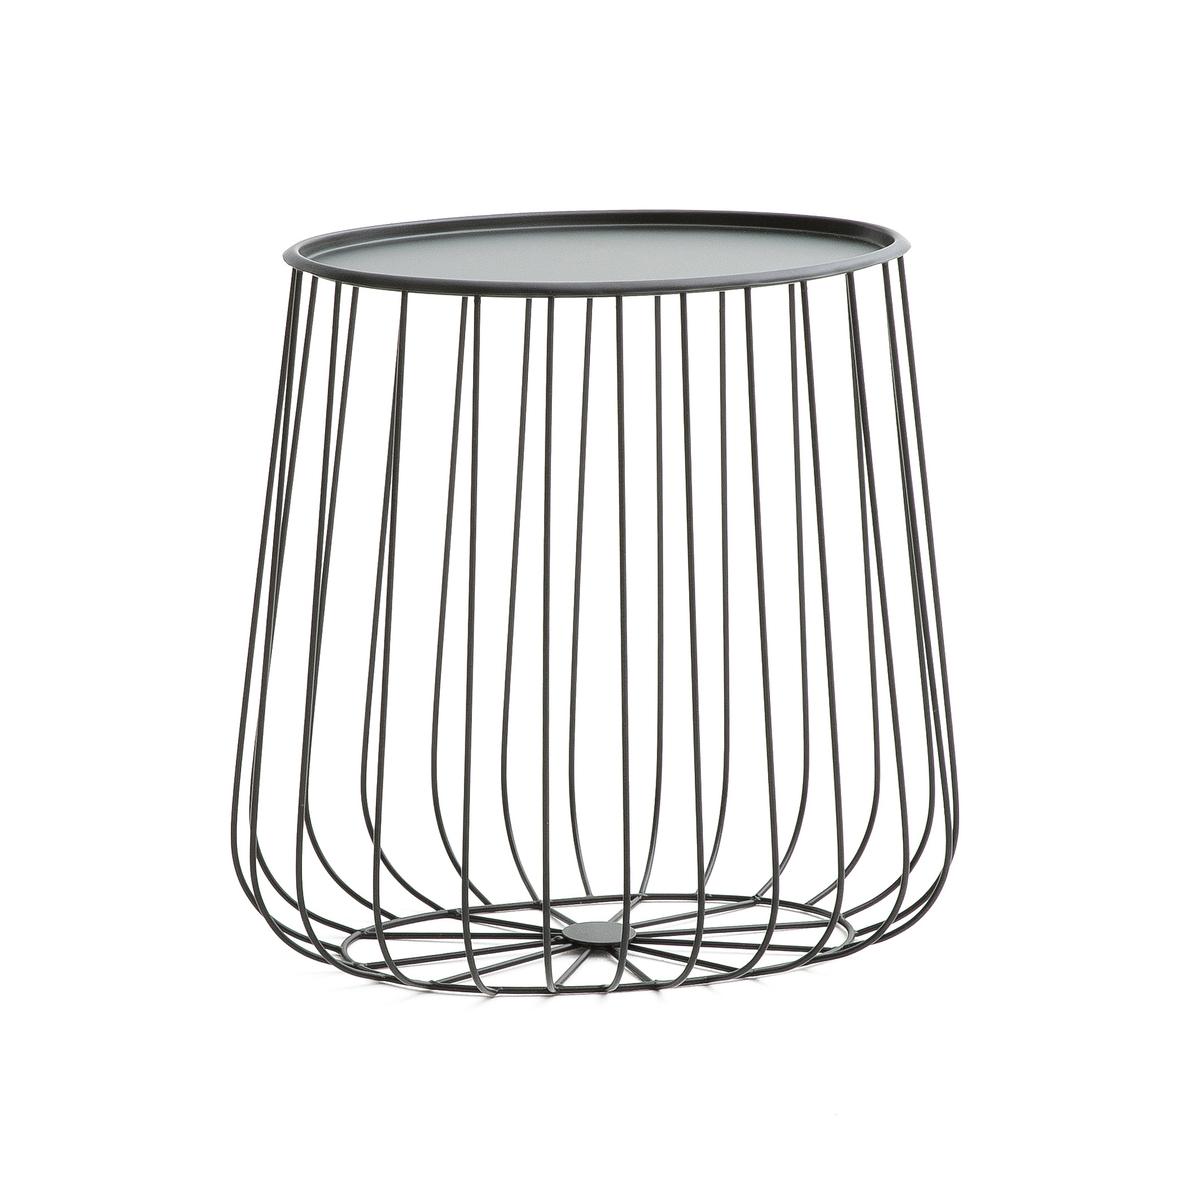 Стол диванный овальной формы из металической проволоки, CageСтол диванный овальной формы Cage . Воздушный и изысканный дизайн в поэтическом и современном стиле, не сильно изменяющий декор в интерьере . Сочетается с круглым столиком Cage и журнальным столиком Cage, продающимися на нашем сайте .Характеристики :- Из металлической проволоки черного цвета .- Съемная столешница из металла .Размер :- L41 x H40,5 x P28 см, 1,49 кг - Столешница L21,5 x P35,5 см .Размеры и вес ящика :- L46 x H48 x P34 см, 3,7 кг<br><br>Цвет: черный